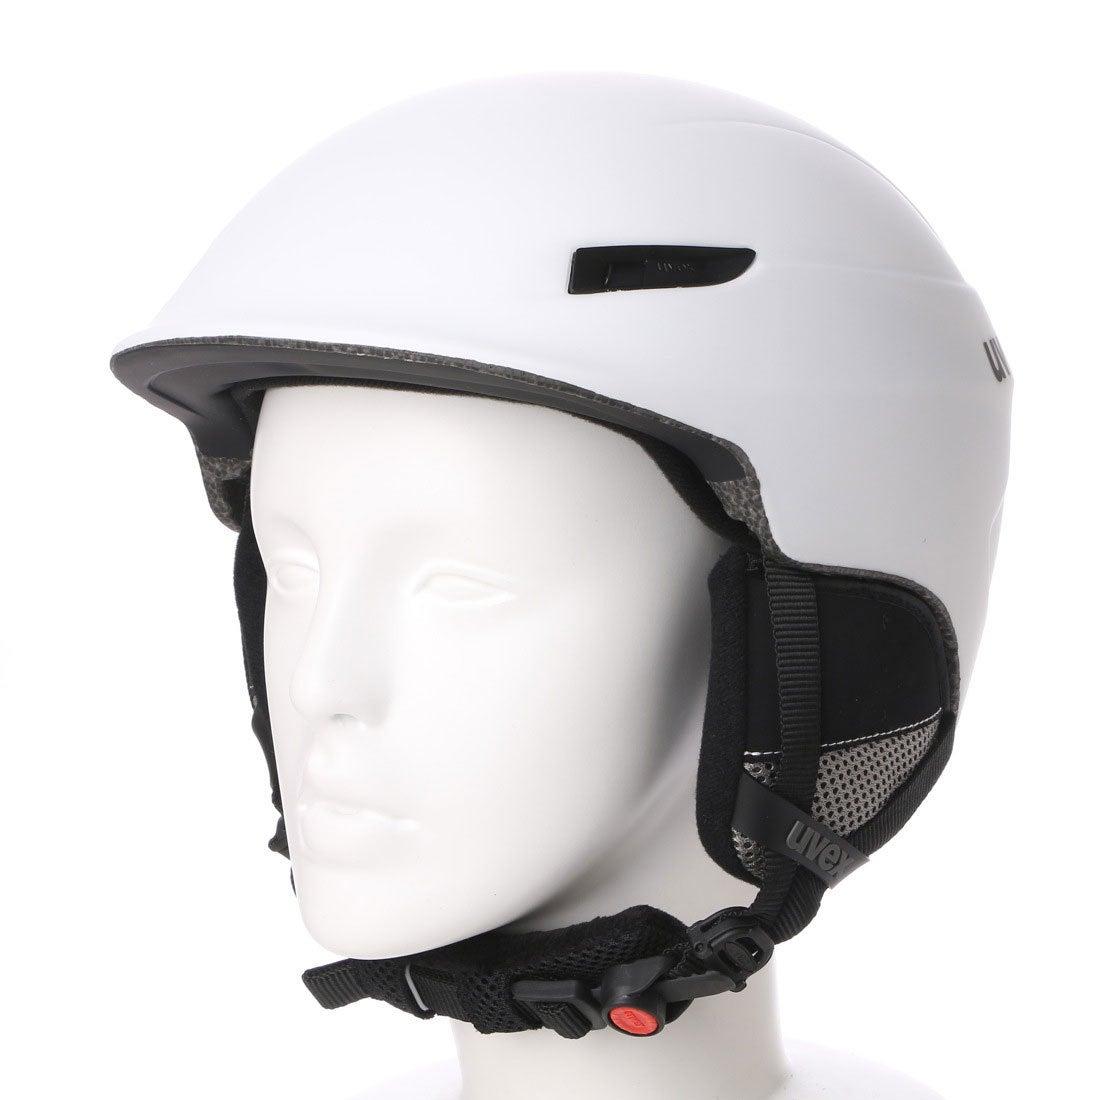 【SALE 27%OFF】ウベックス UVEX ユニセックス スキー/スノーボード ヘルメット GAMMA 5661891007 104